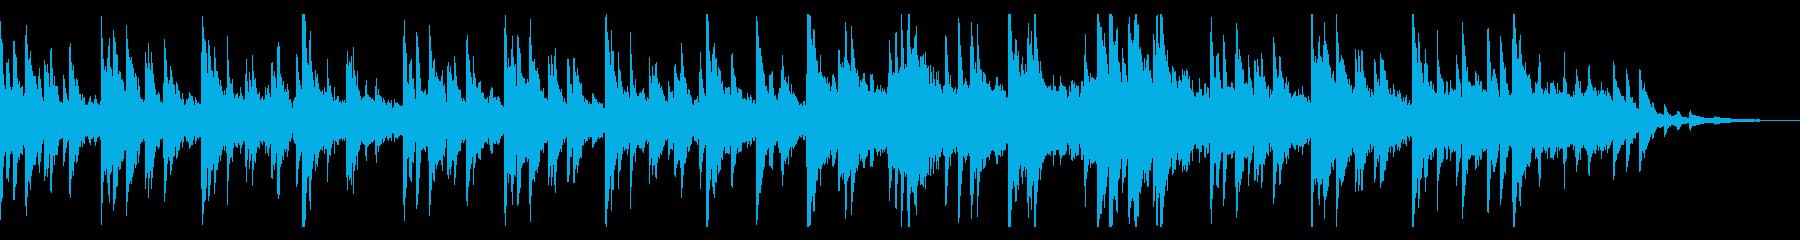 しっとりする優しいピアノ曲の再生済みの波形